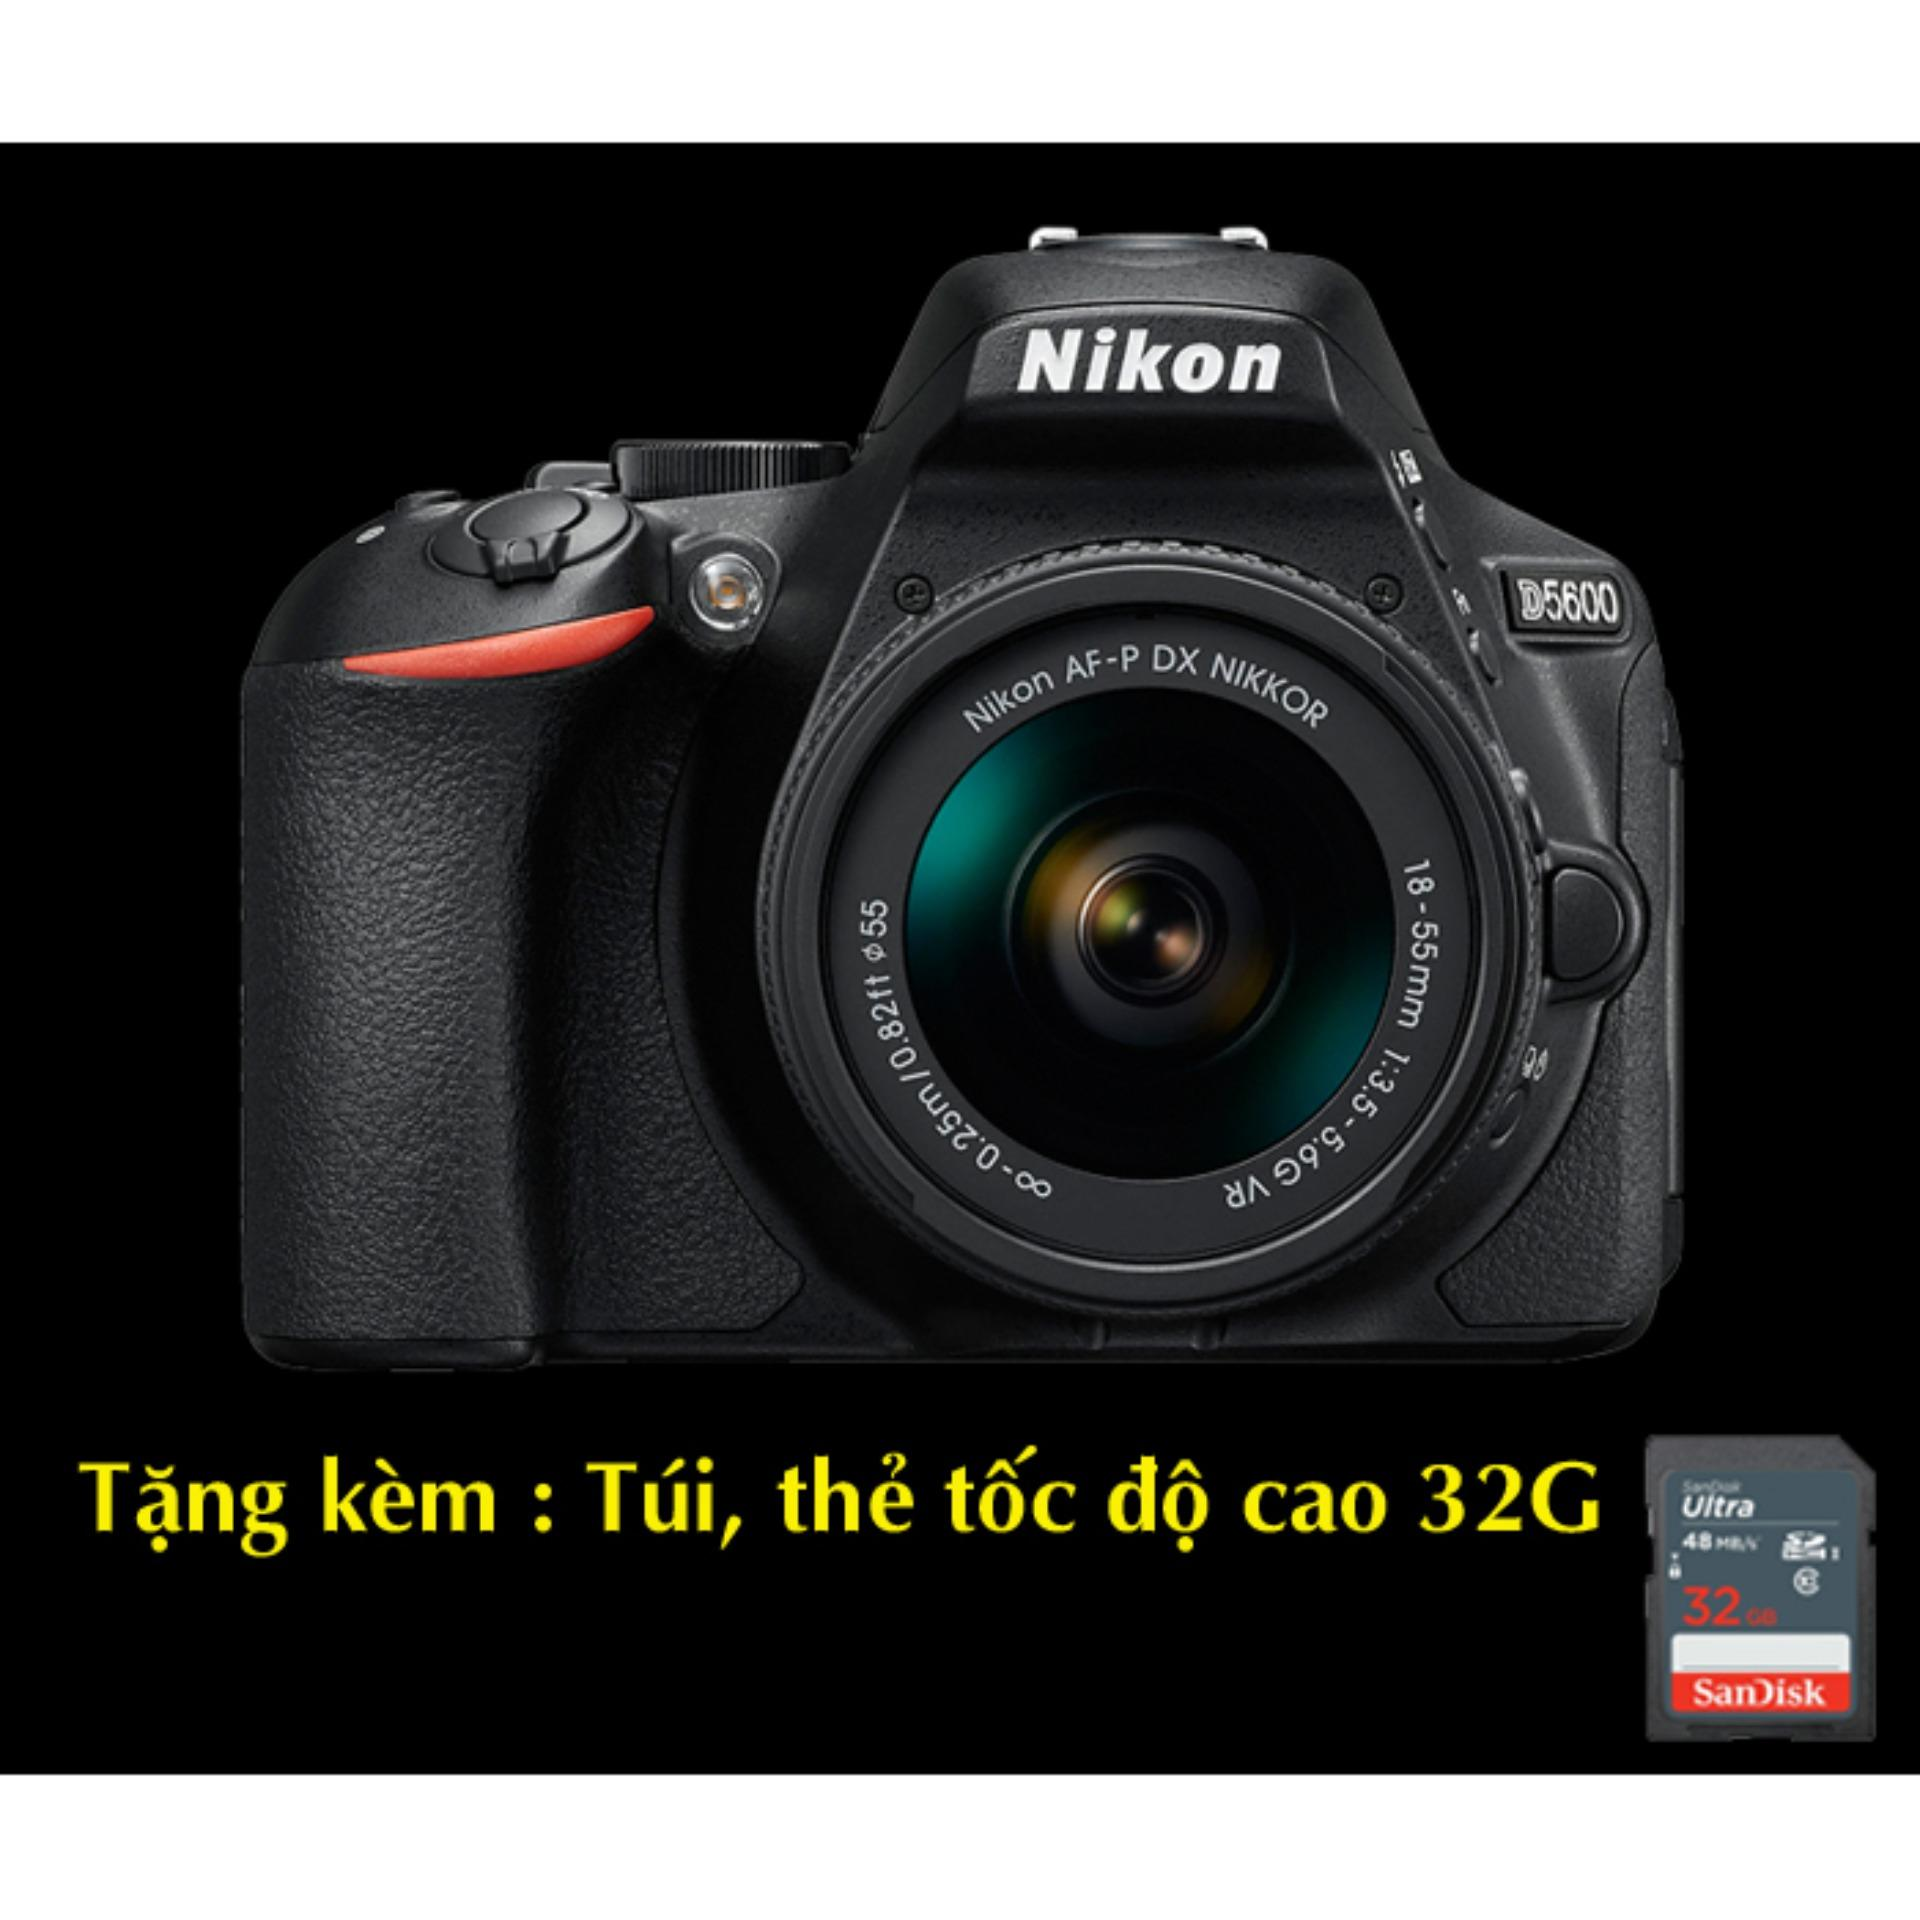 Chi tiết sản phẩm MÁY ẢNH NIKON D5600 và Lens VR 18-55mm